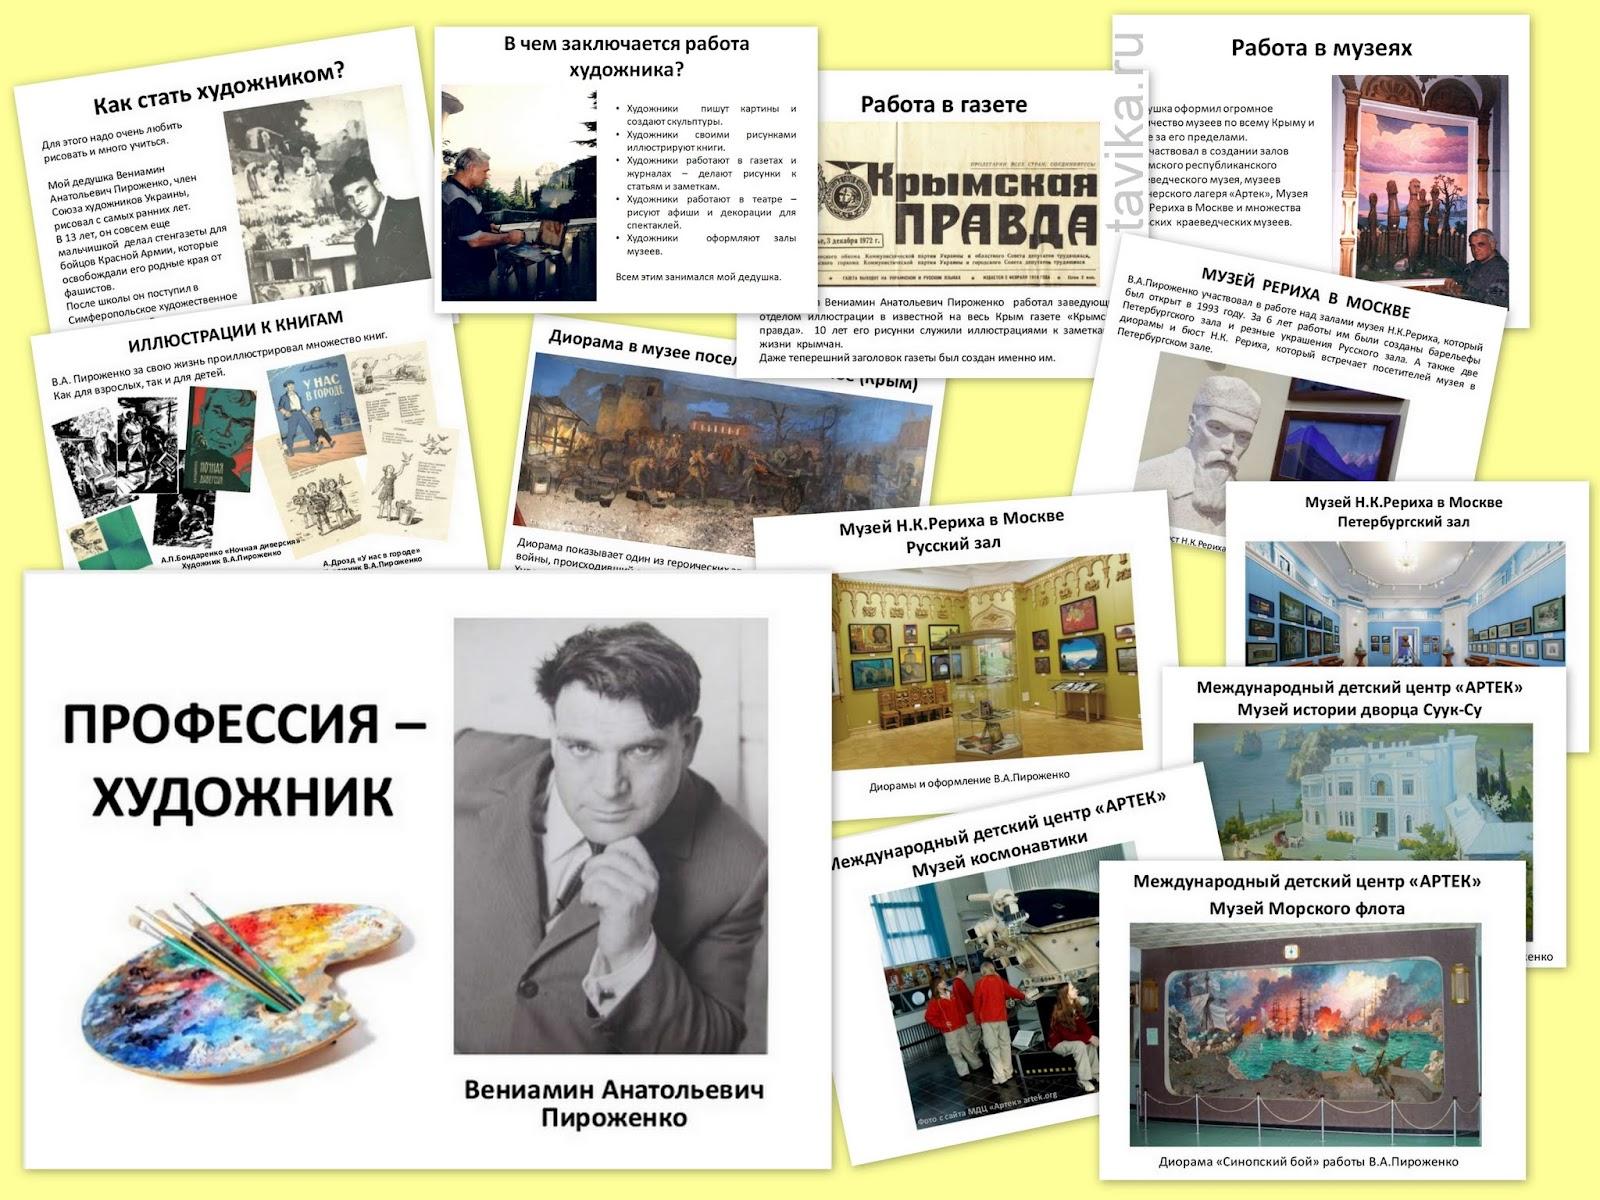 Художник Вениамин Анатольевич Пироженко